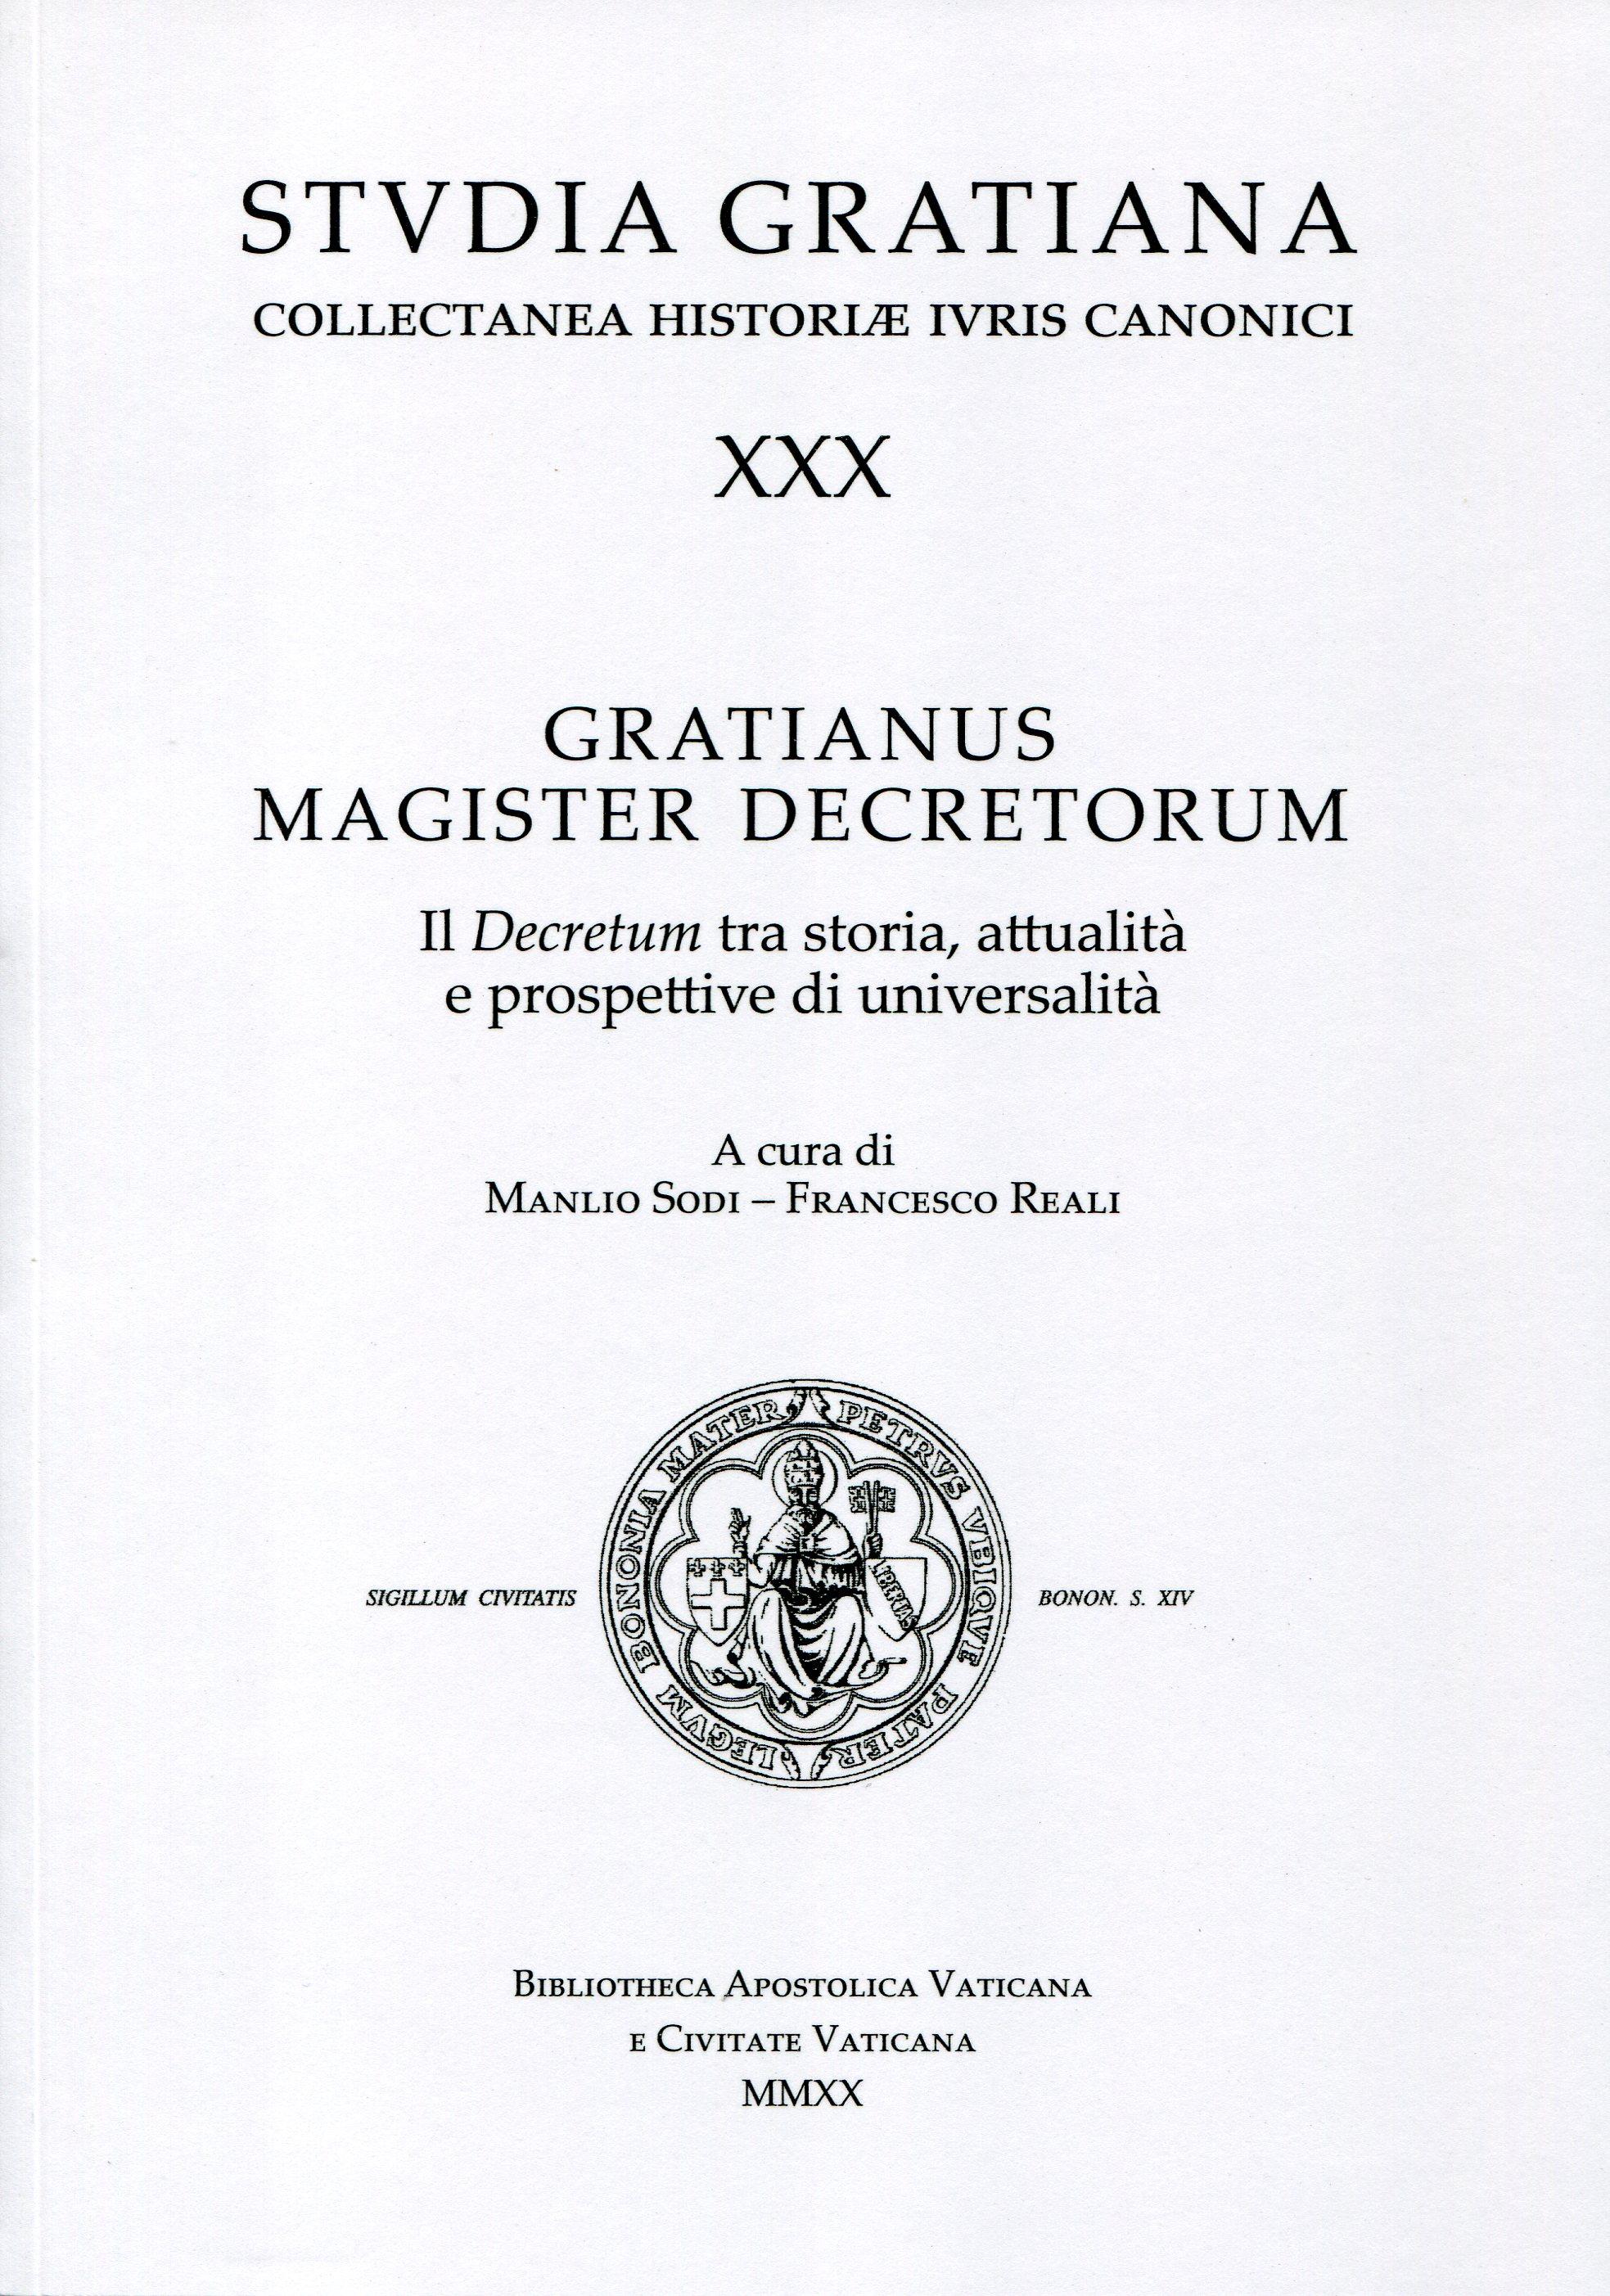 Gratianus magister decretorum. Il Decretum tra storia, attualità e prospettive di universalità.